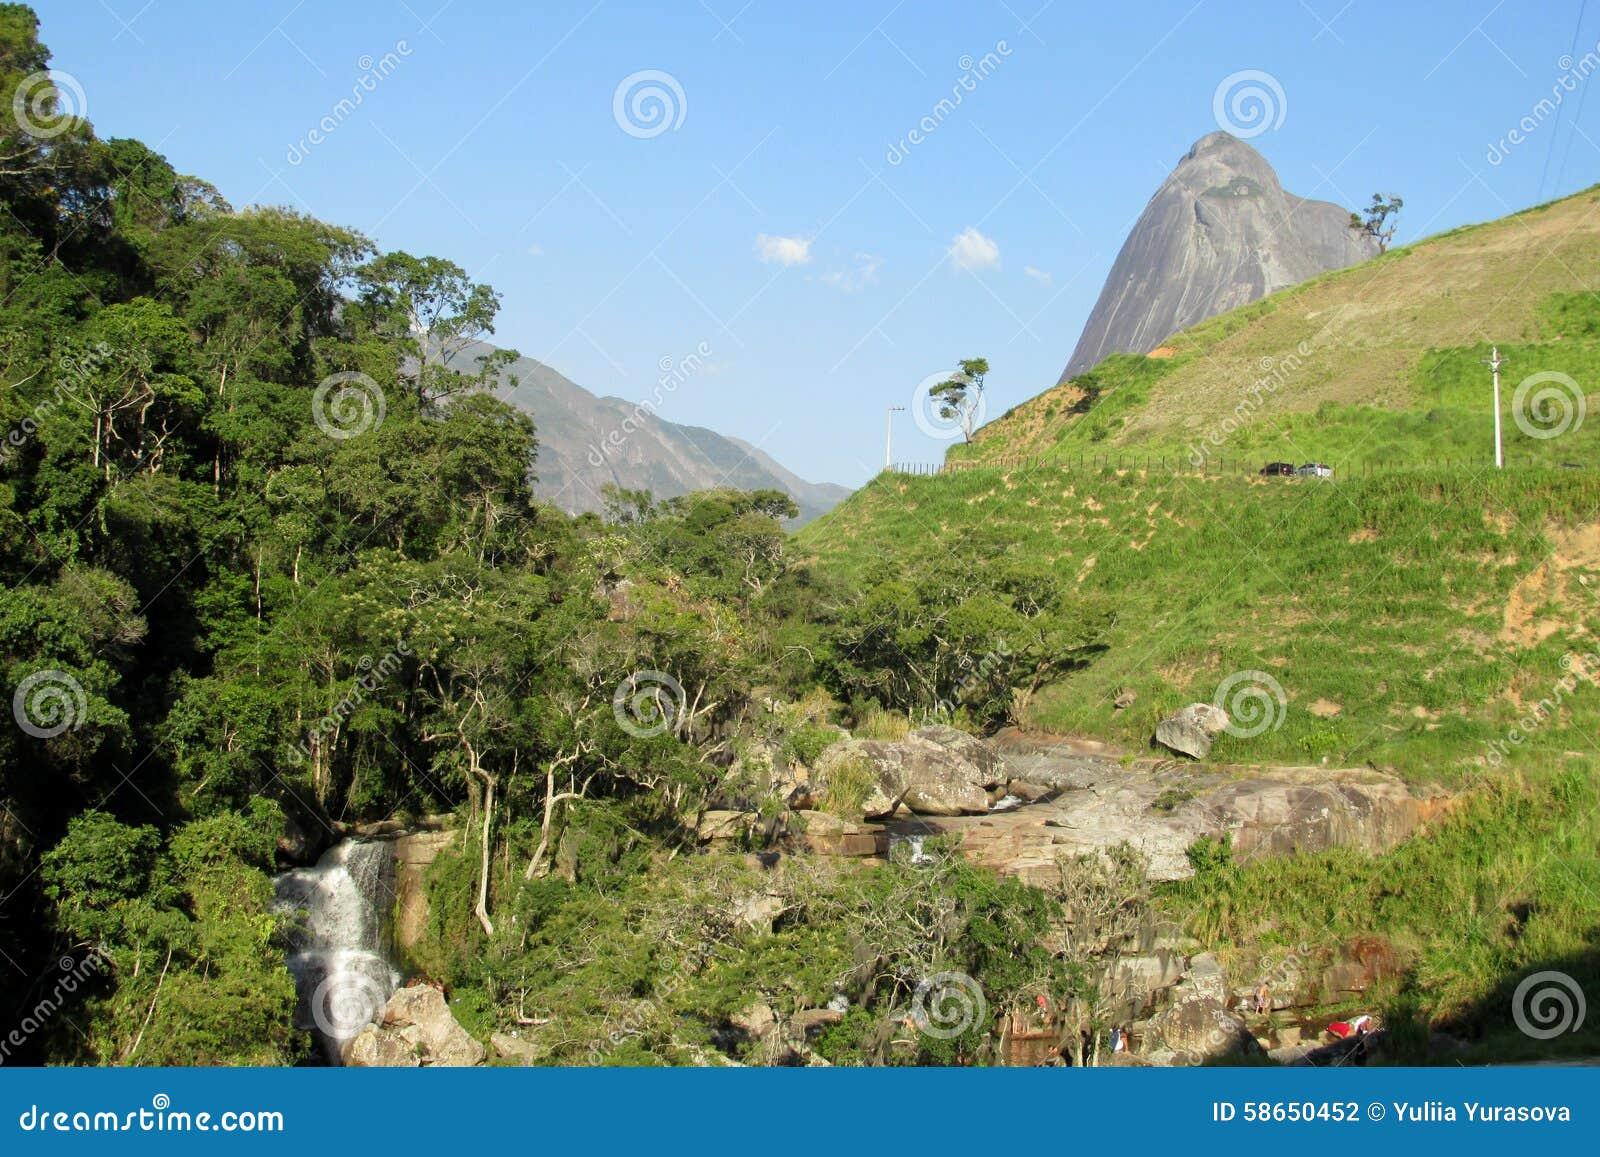 Tres Picos National Park resort